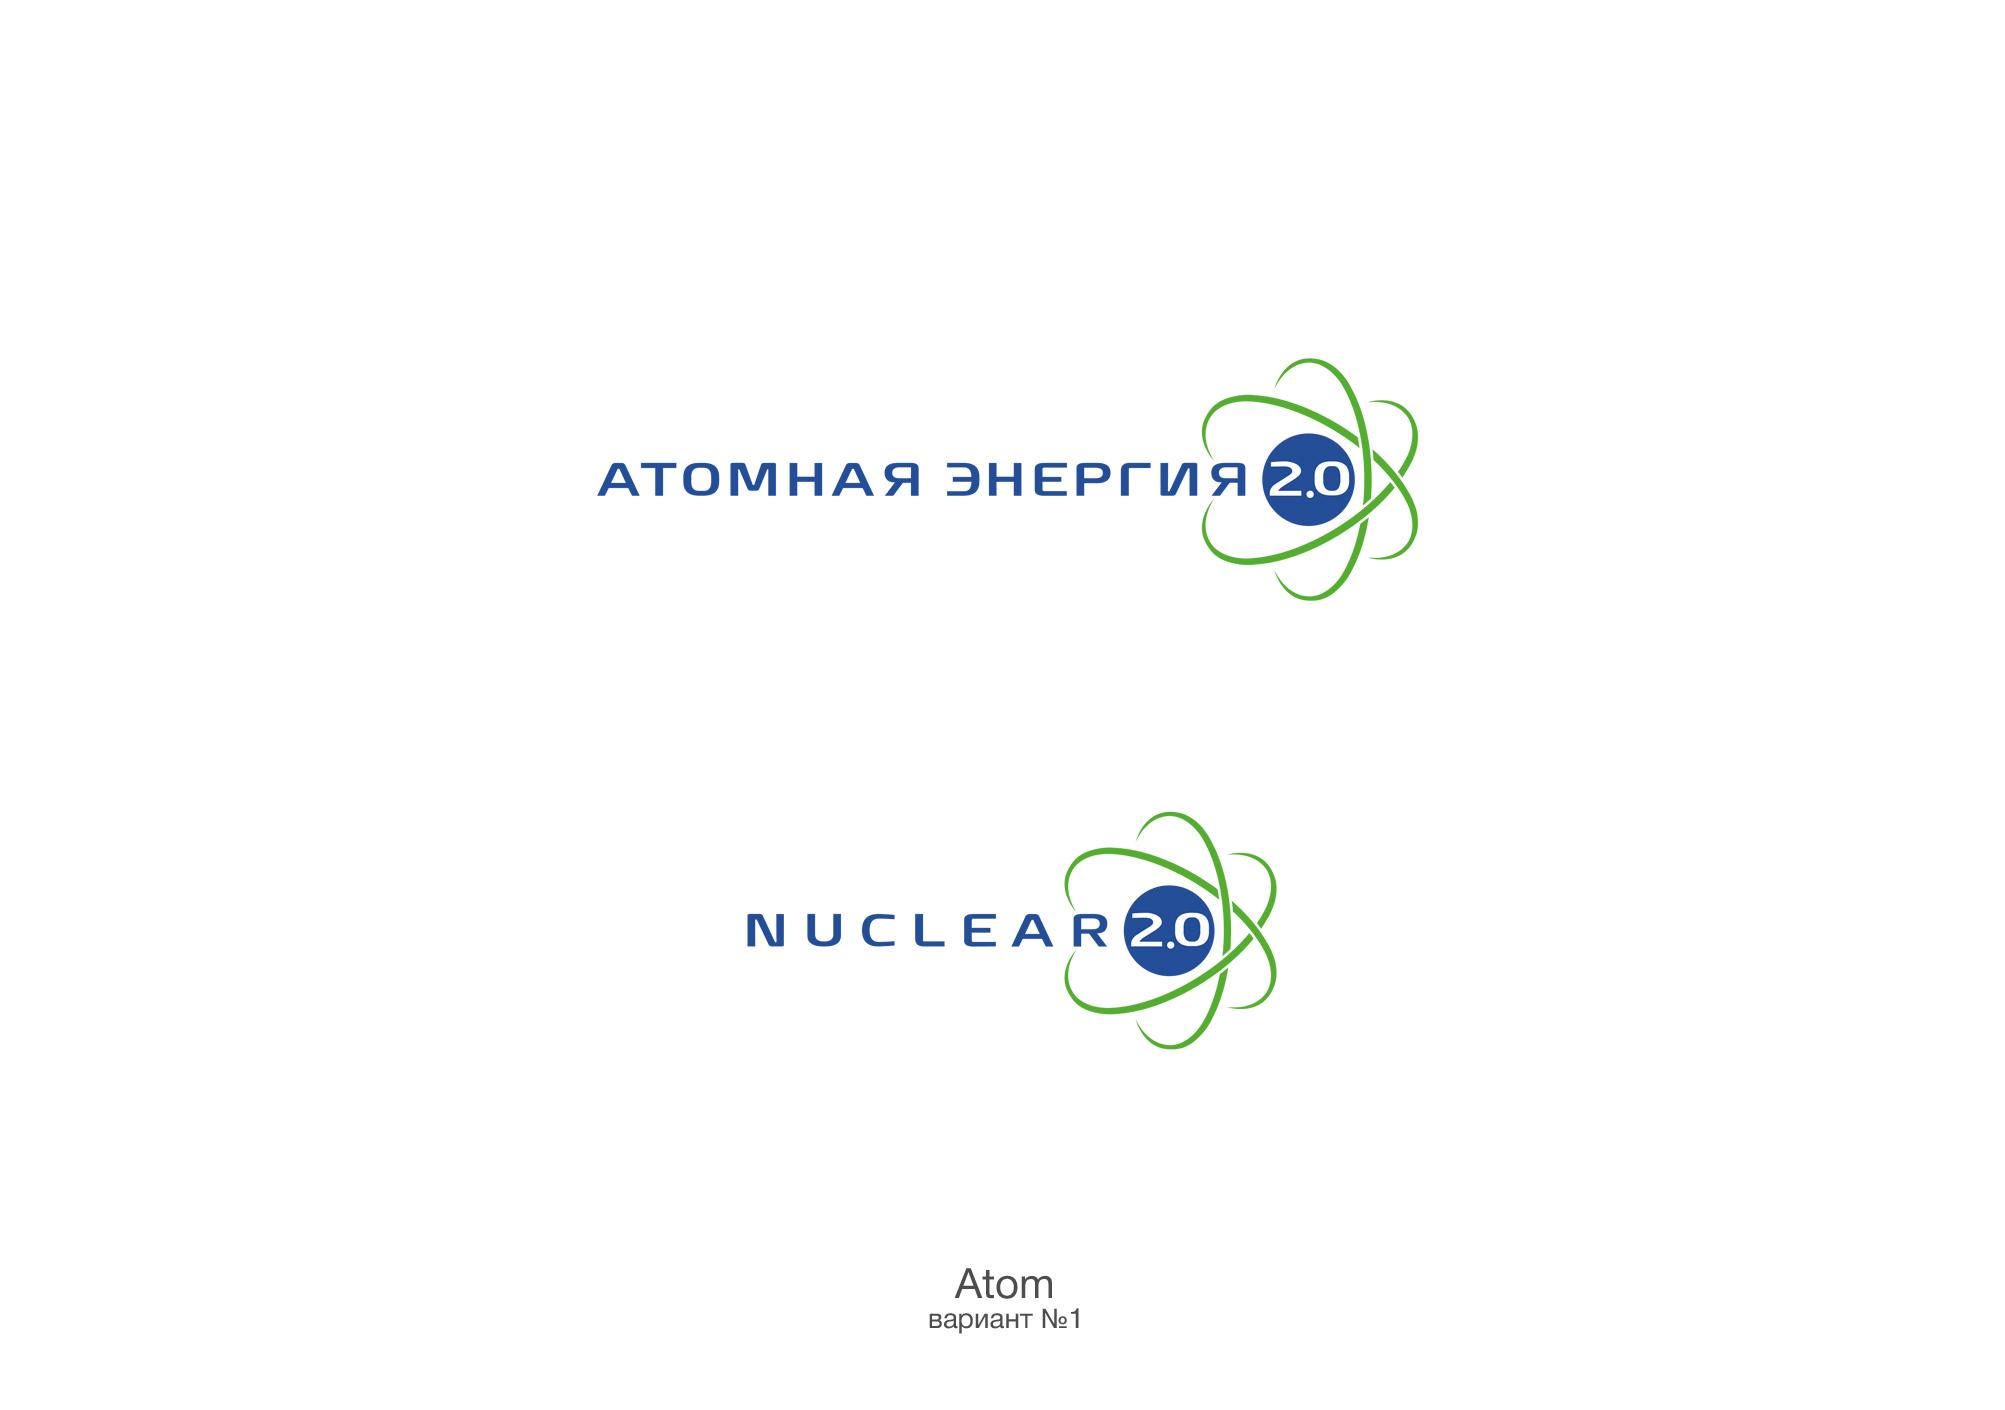 """Фирменный стиль для научного портала """"Атомная энергия 2.0"""" фото f_08559fe3b1510772.jpg"""